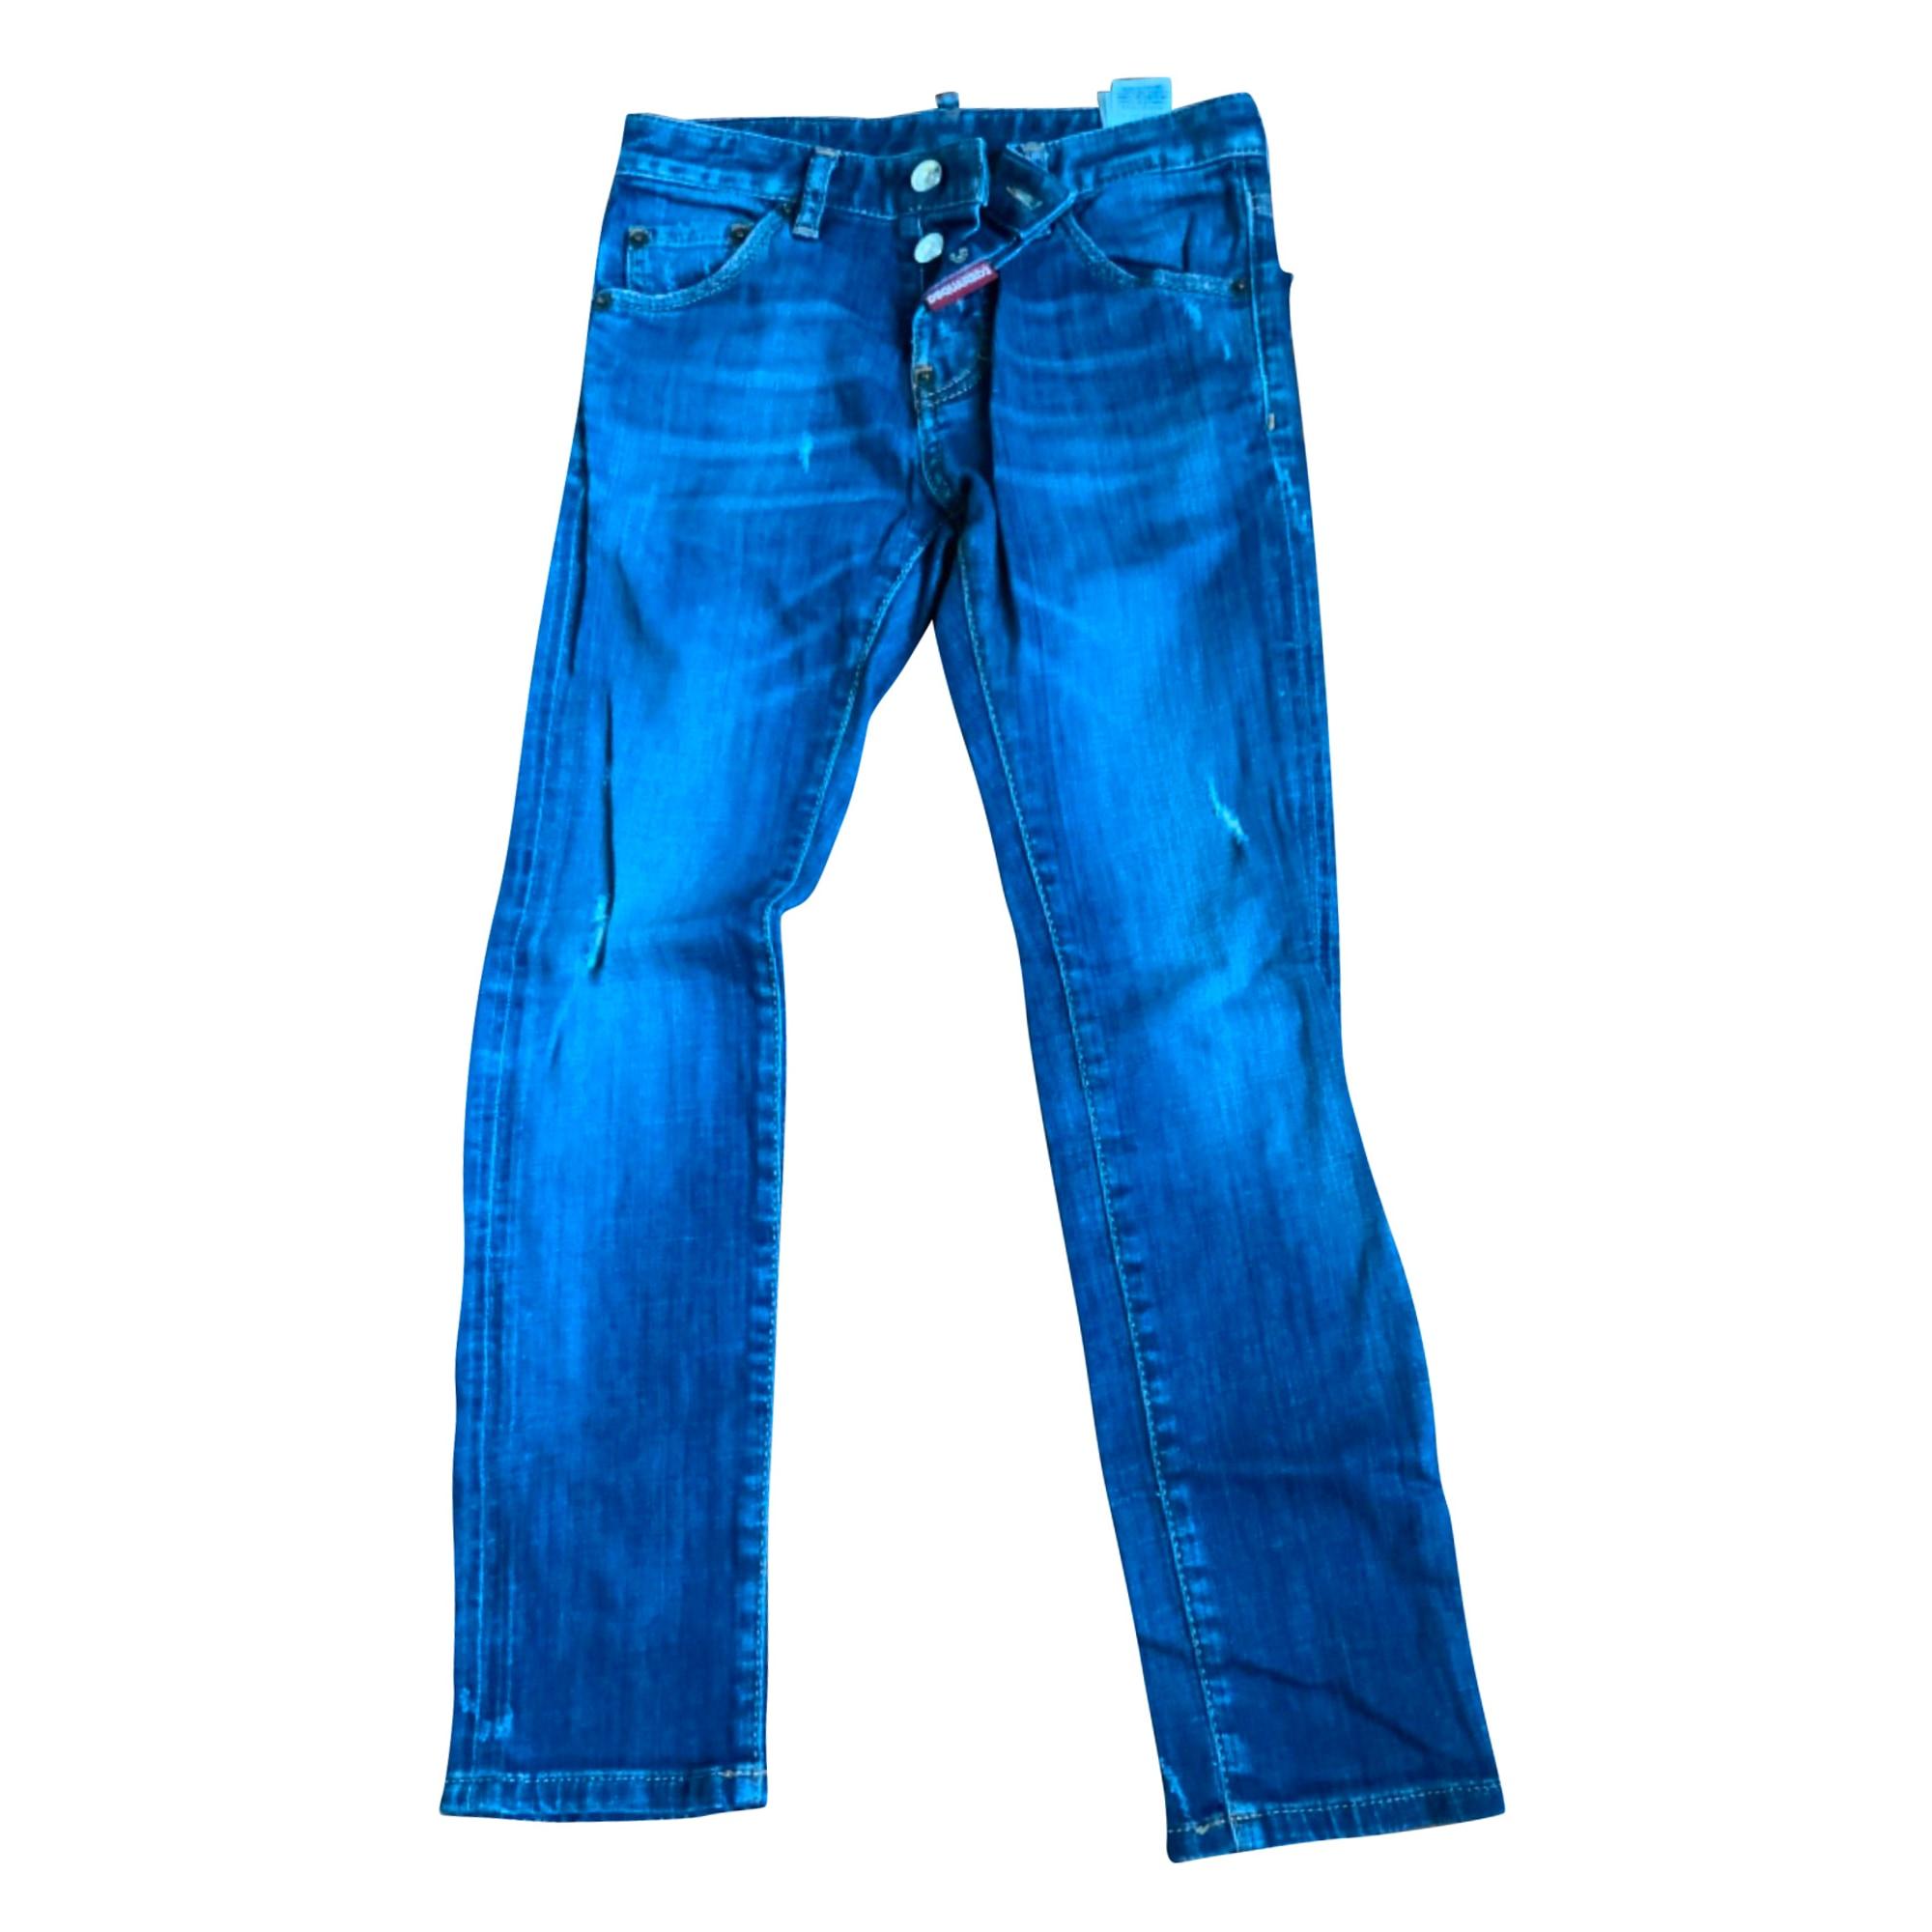 Jean slim DSQUARED2 Bleu, bleu marine, bleu turquoise